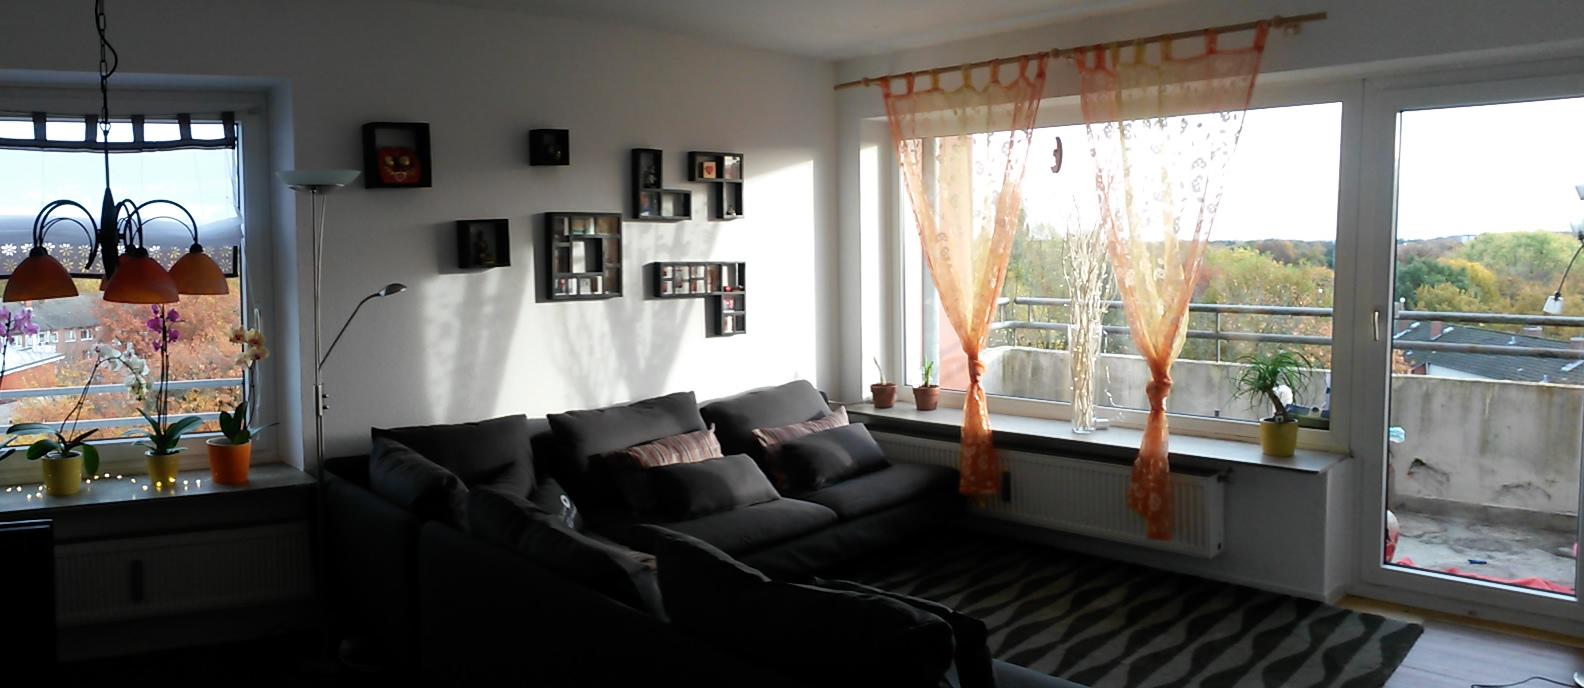 simone leben magenbypass einfach ich der erste frost. Black Bedroom Furniture Sets. Home Design Ideas